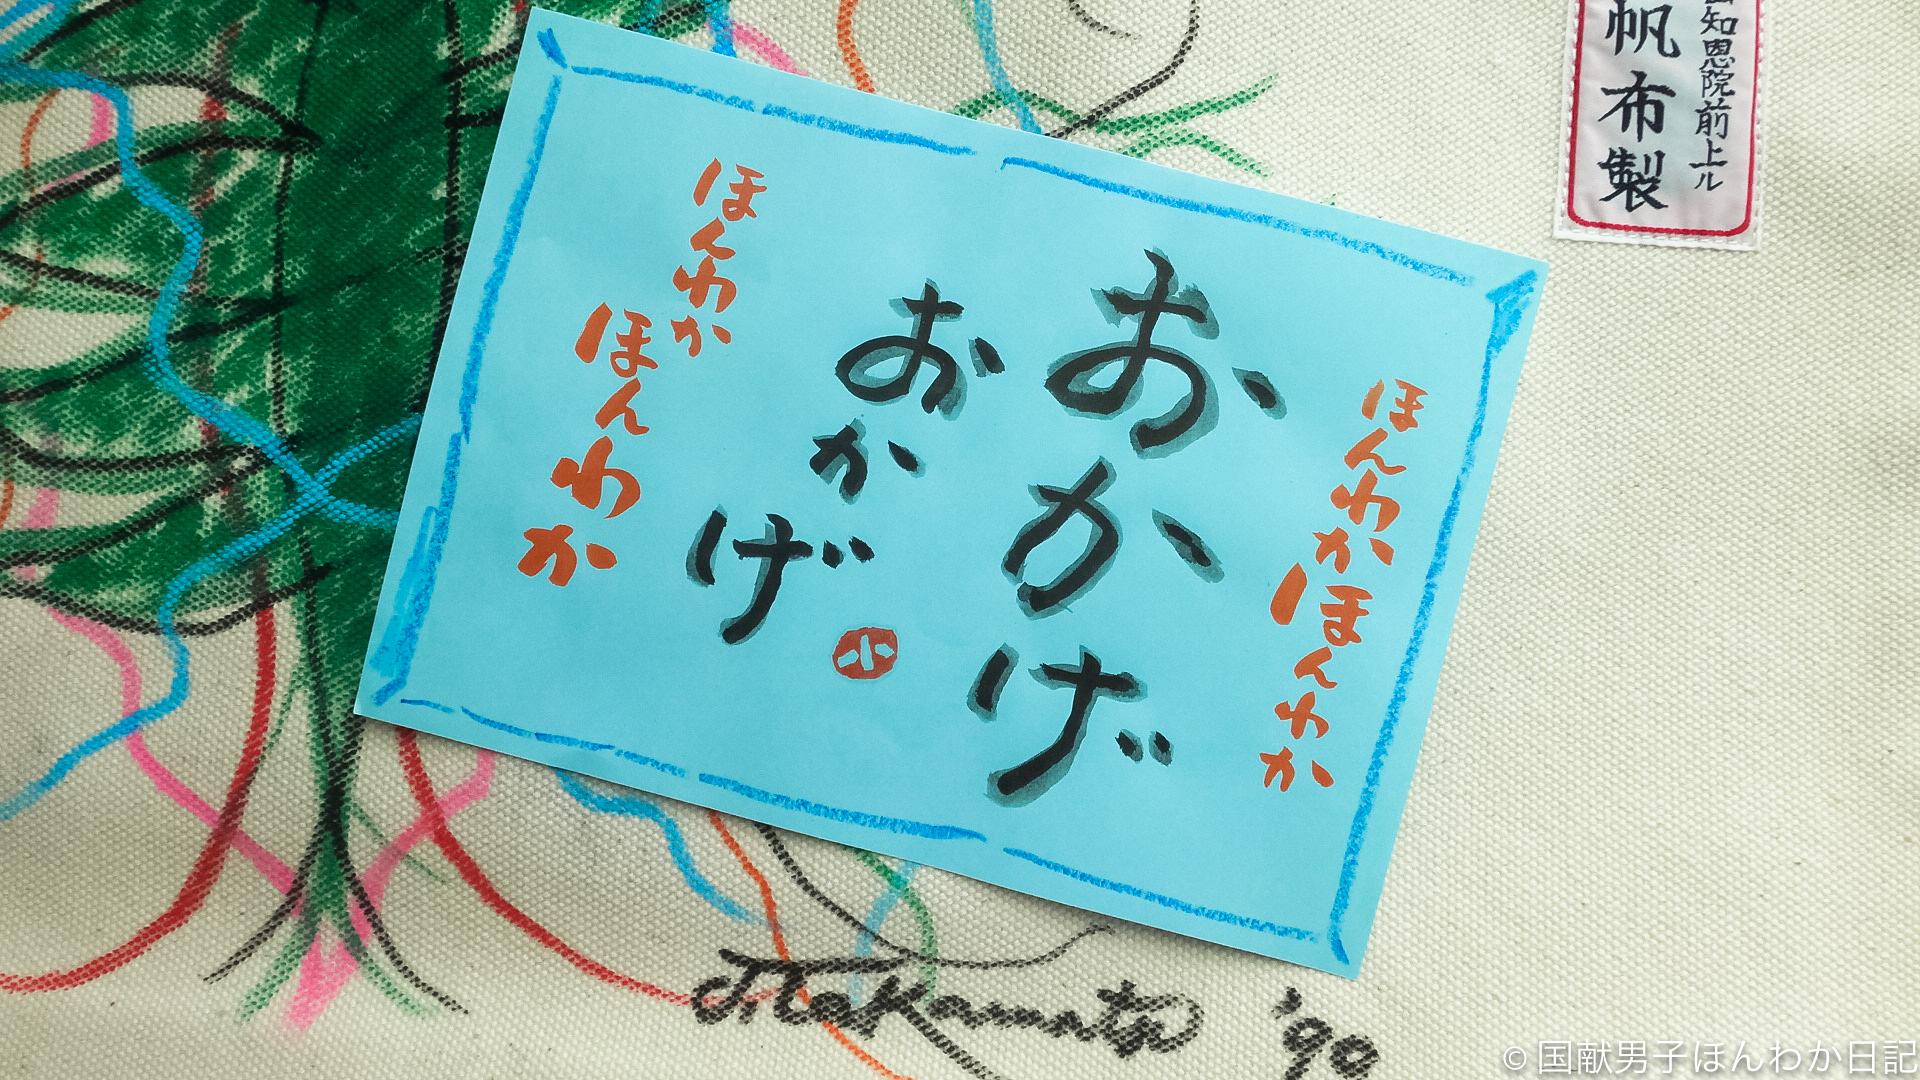 小僧落書き、背景は高松次郎※の作品